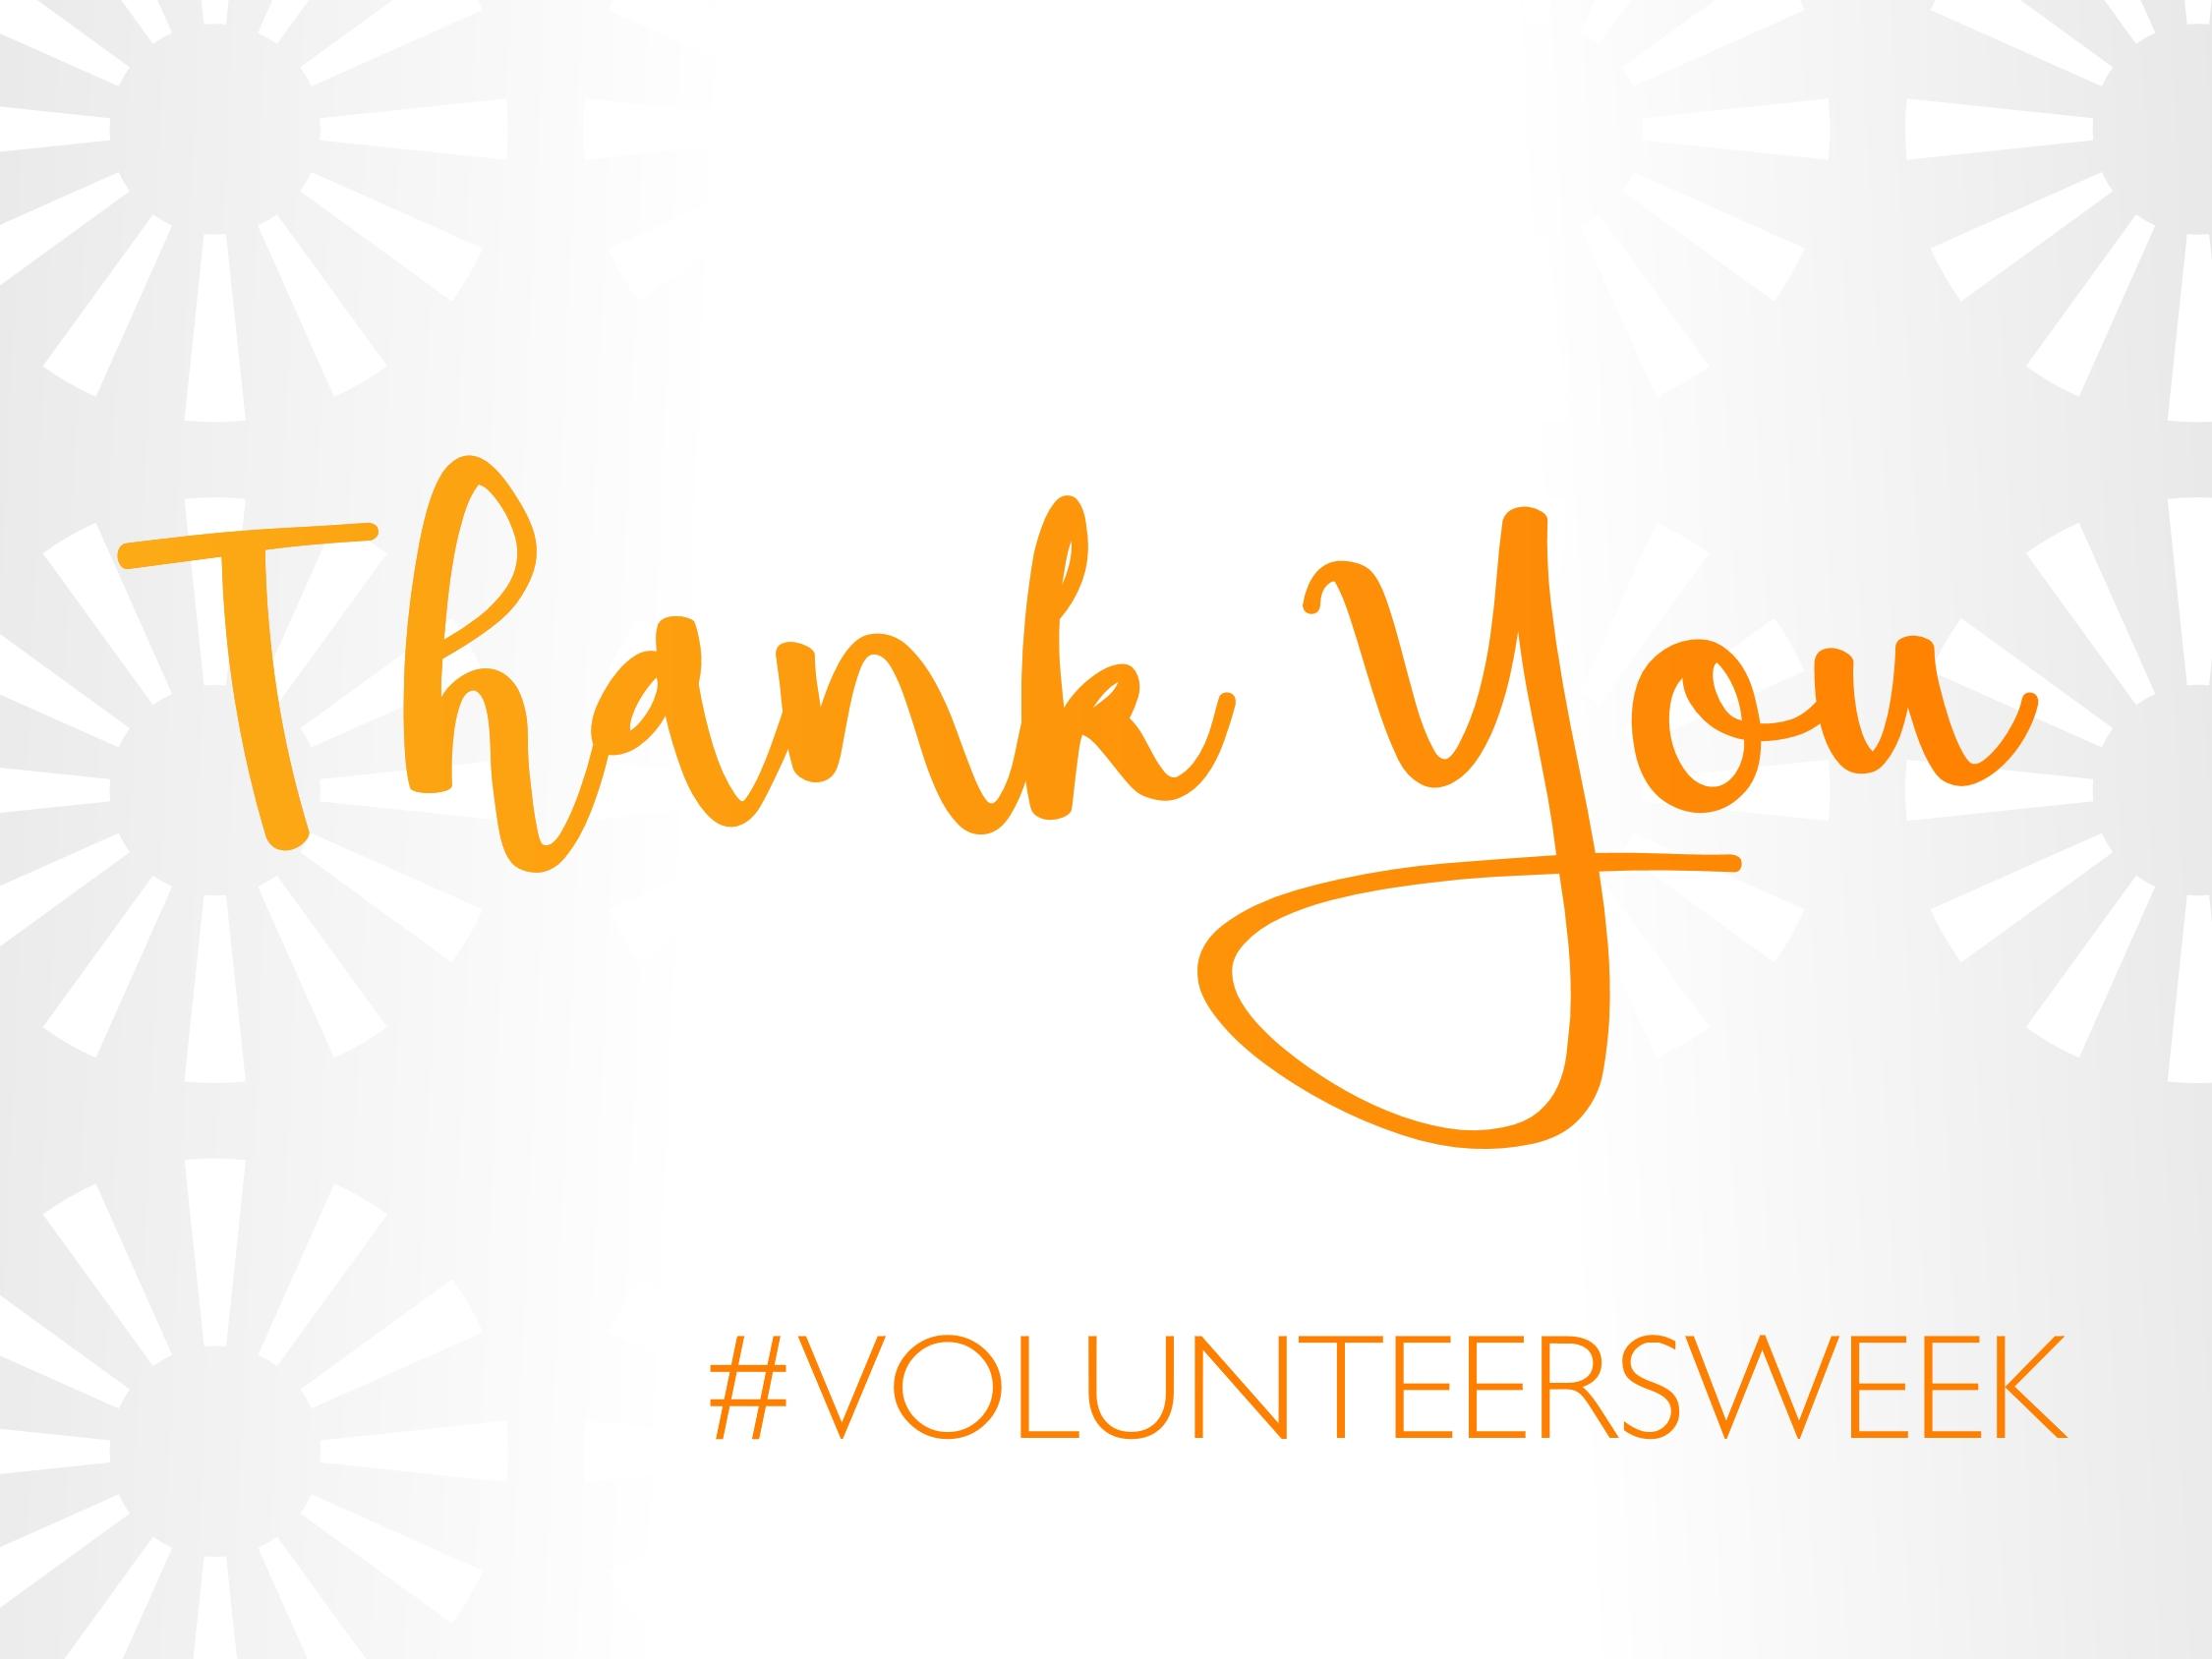 National Volunteers' Week 2017